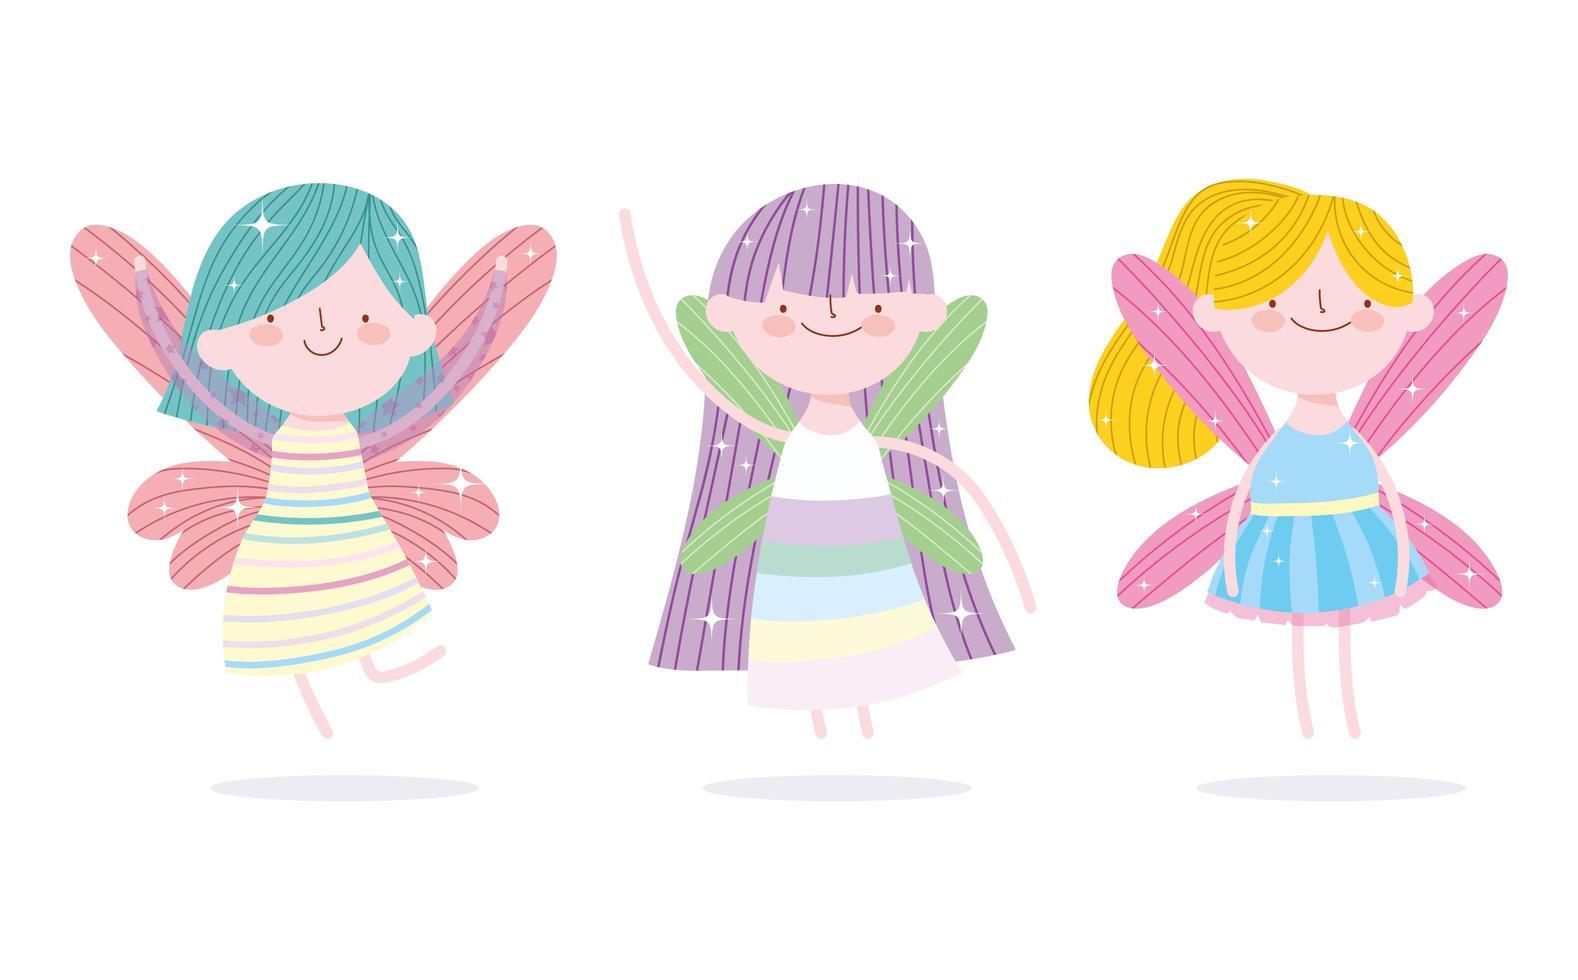 pequeñas princesas de hadas con alas vector